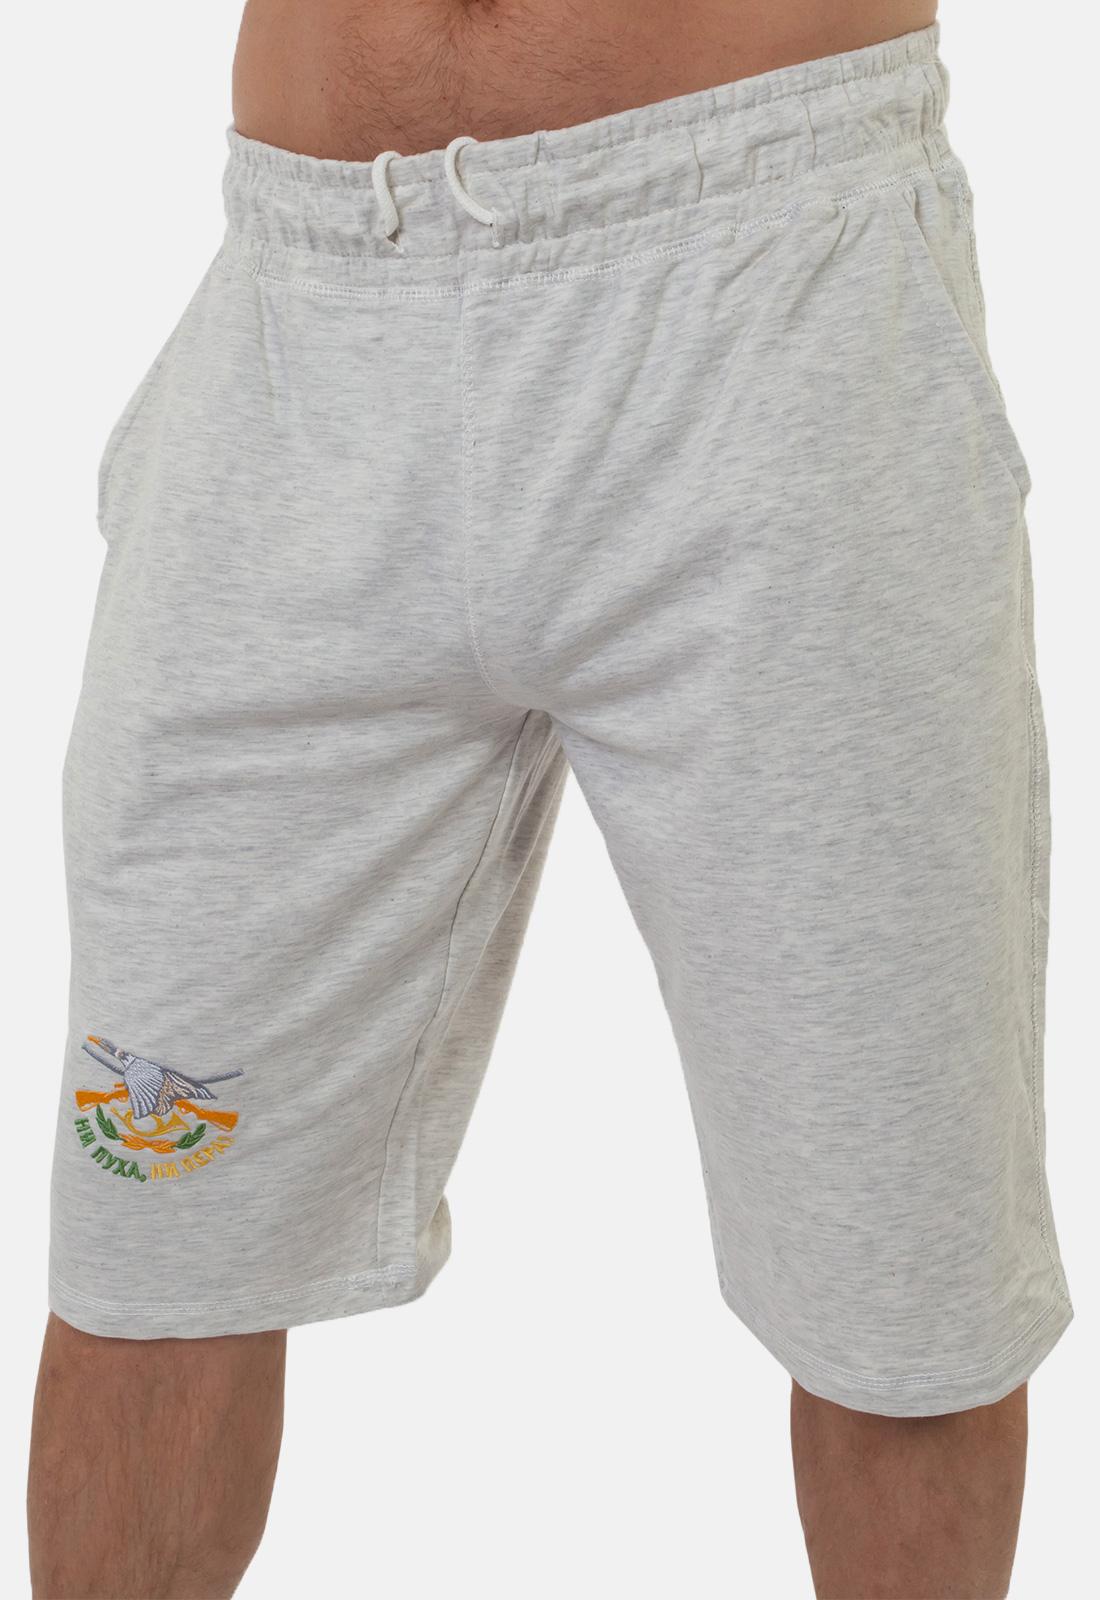 Купить в военторге охотничьи мужские шорты